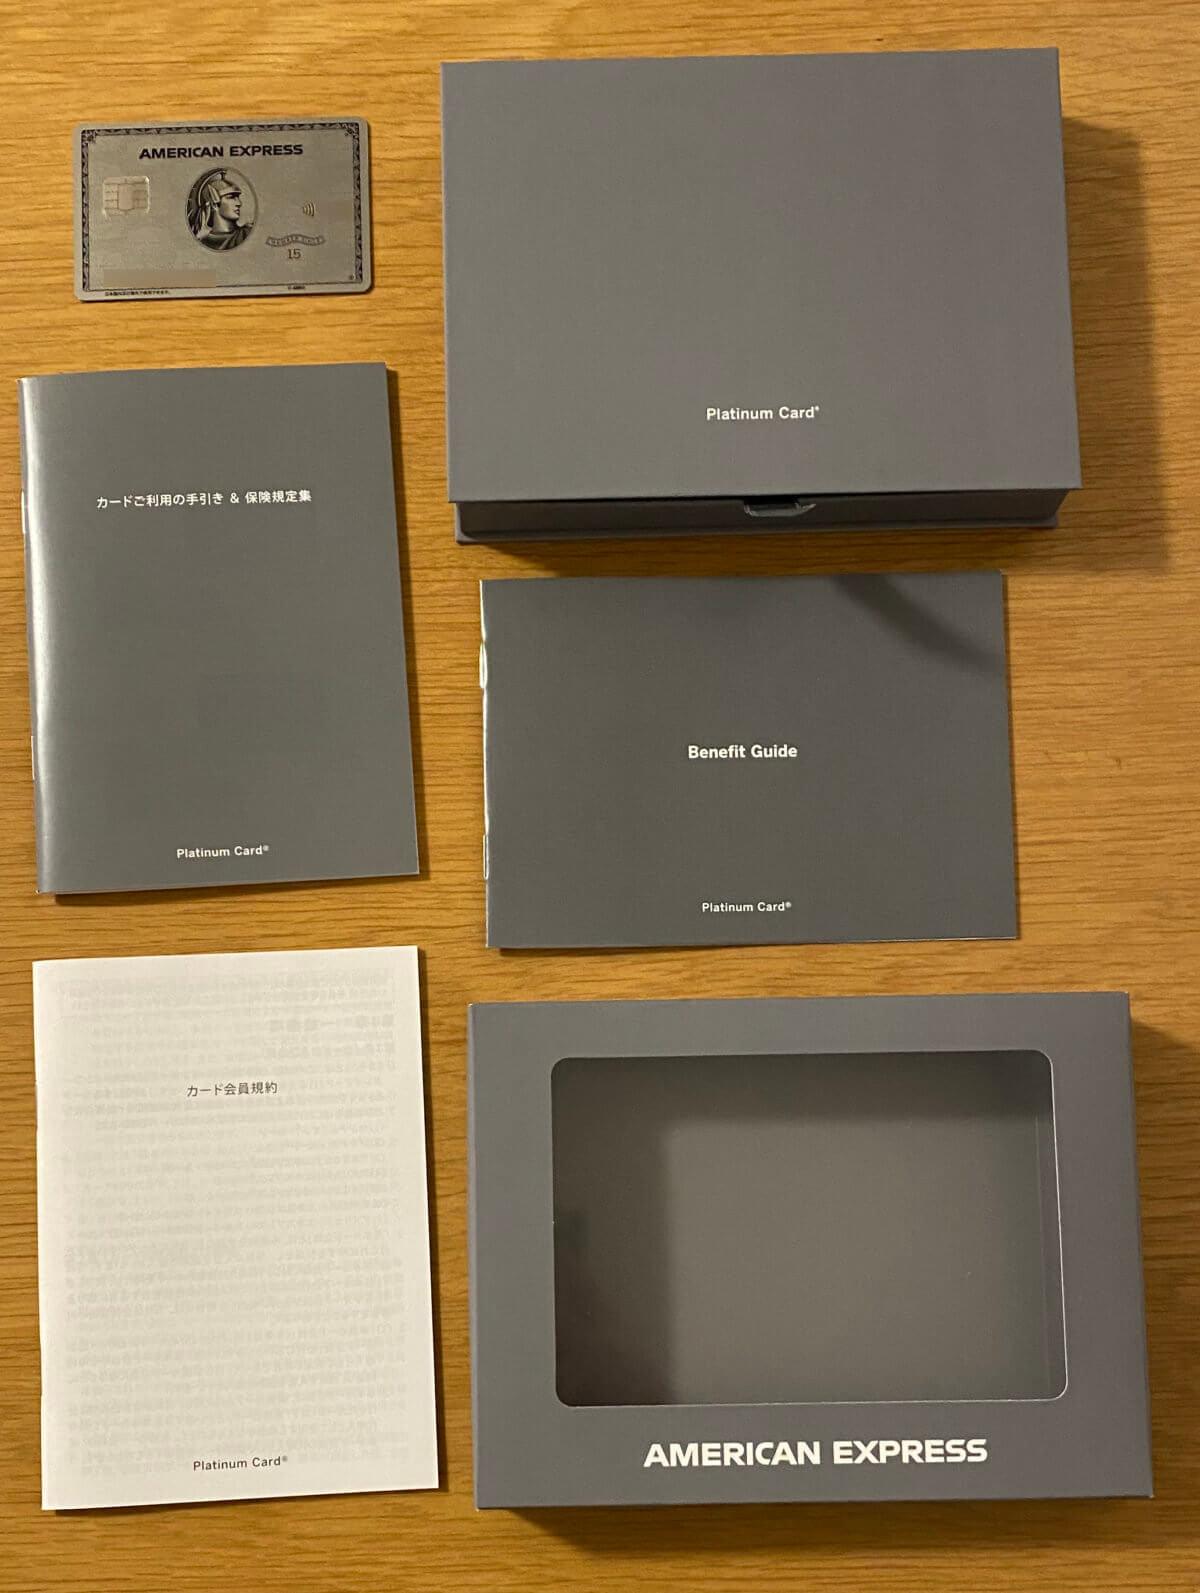 アメックスプラチナの箱・カード本体・手引・ベネフィットガイド・規約